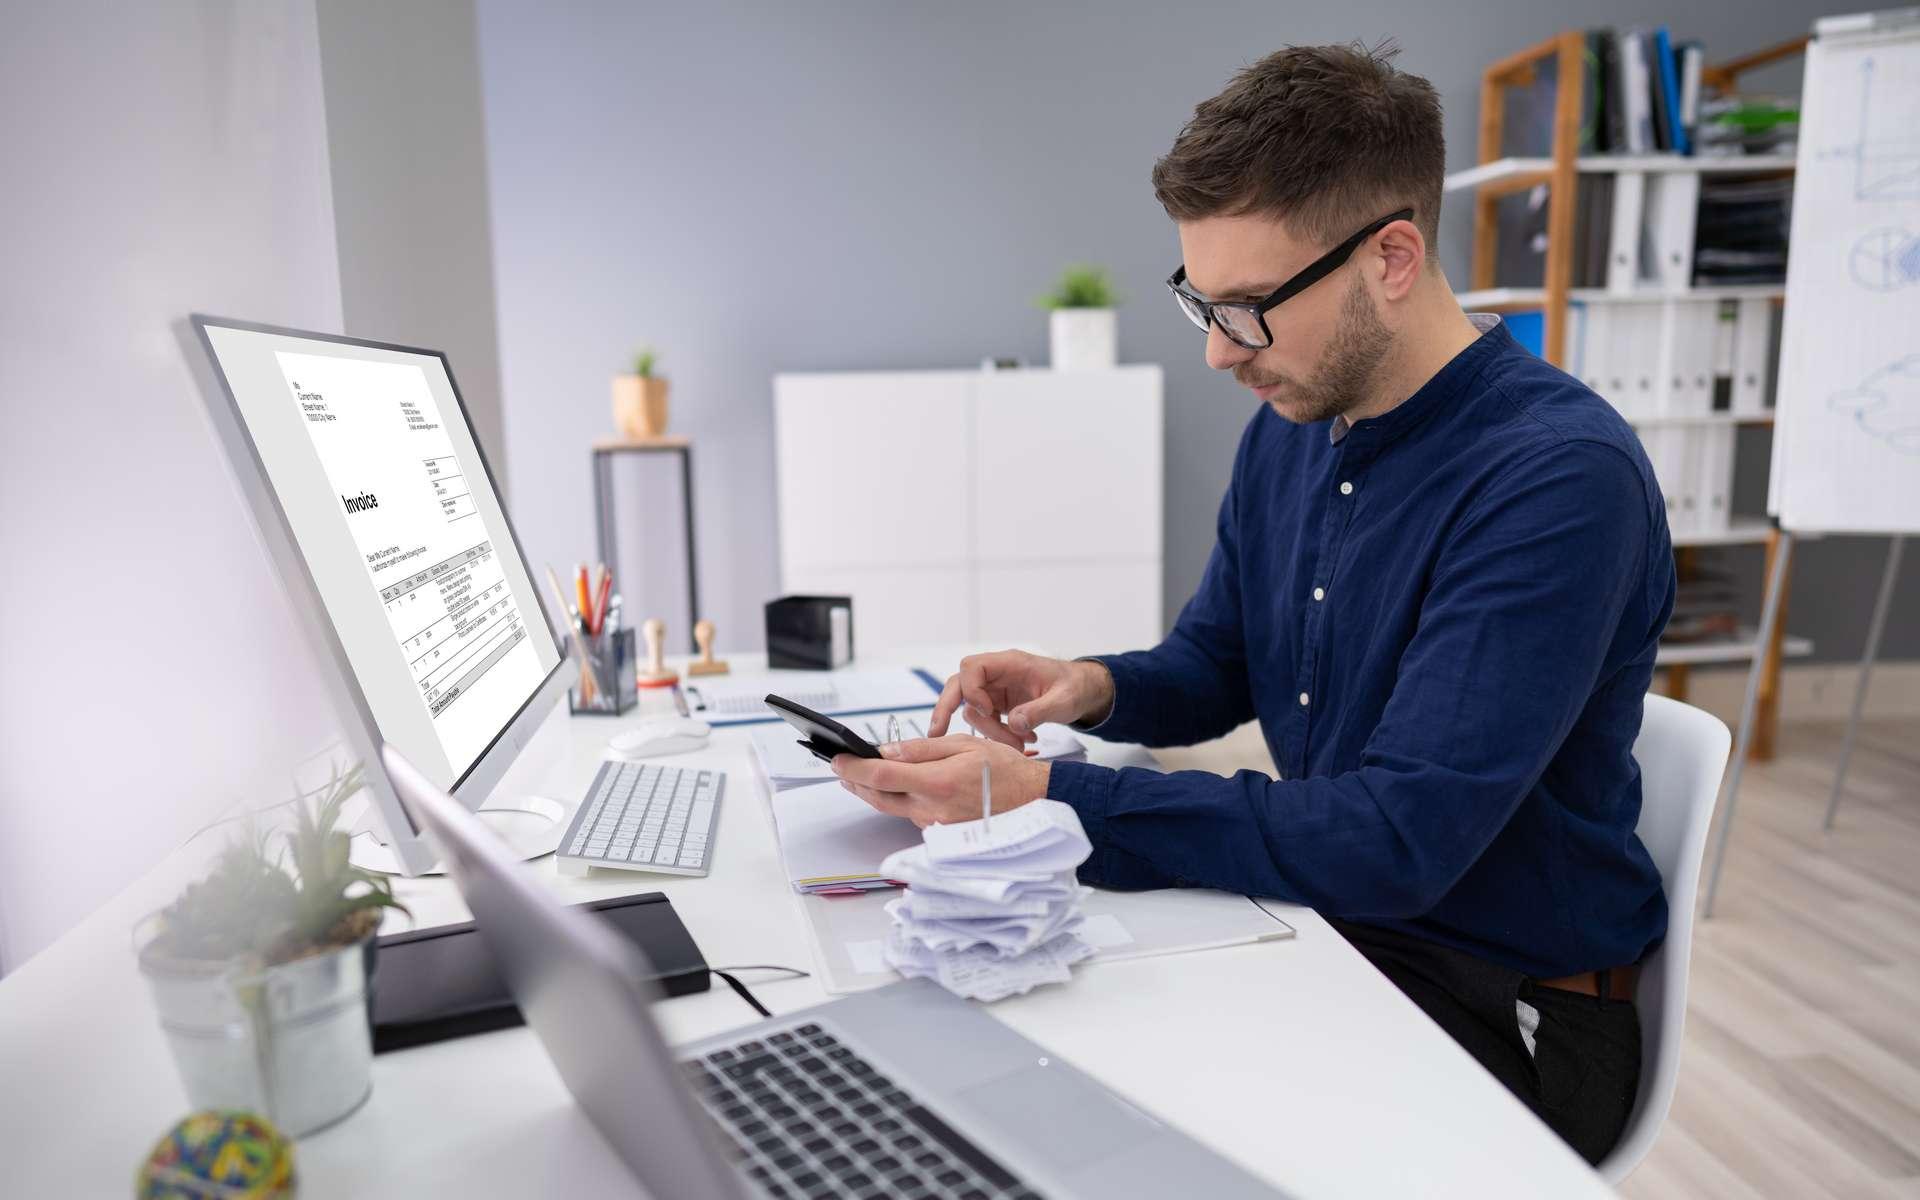 Un logiciel de facturation améliore la gestion de l'entreprise. © Andrey Popov, Adobe Stock